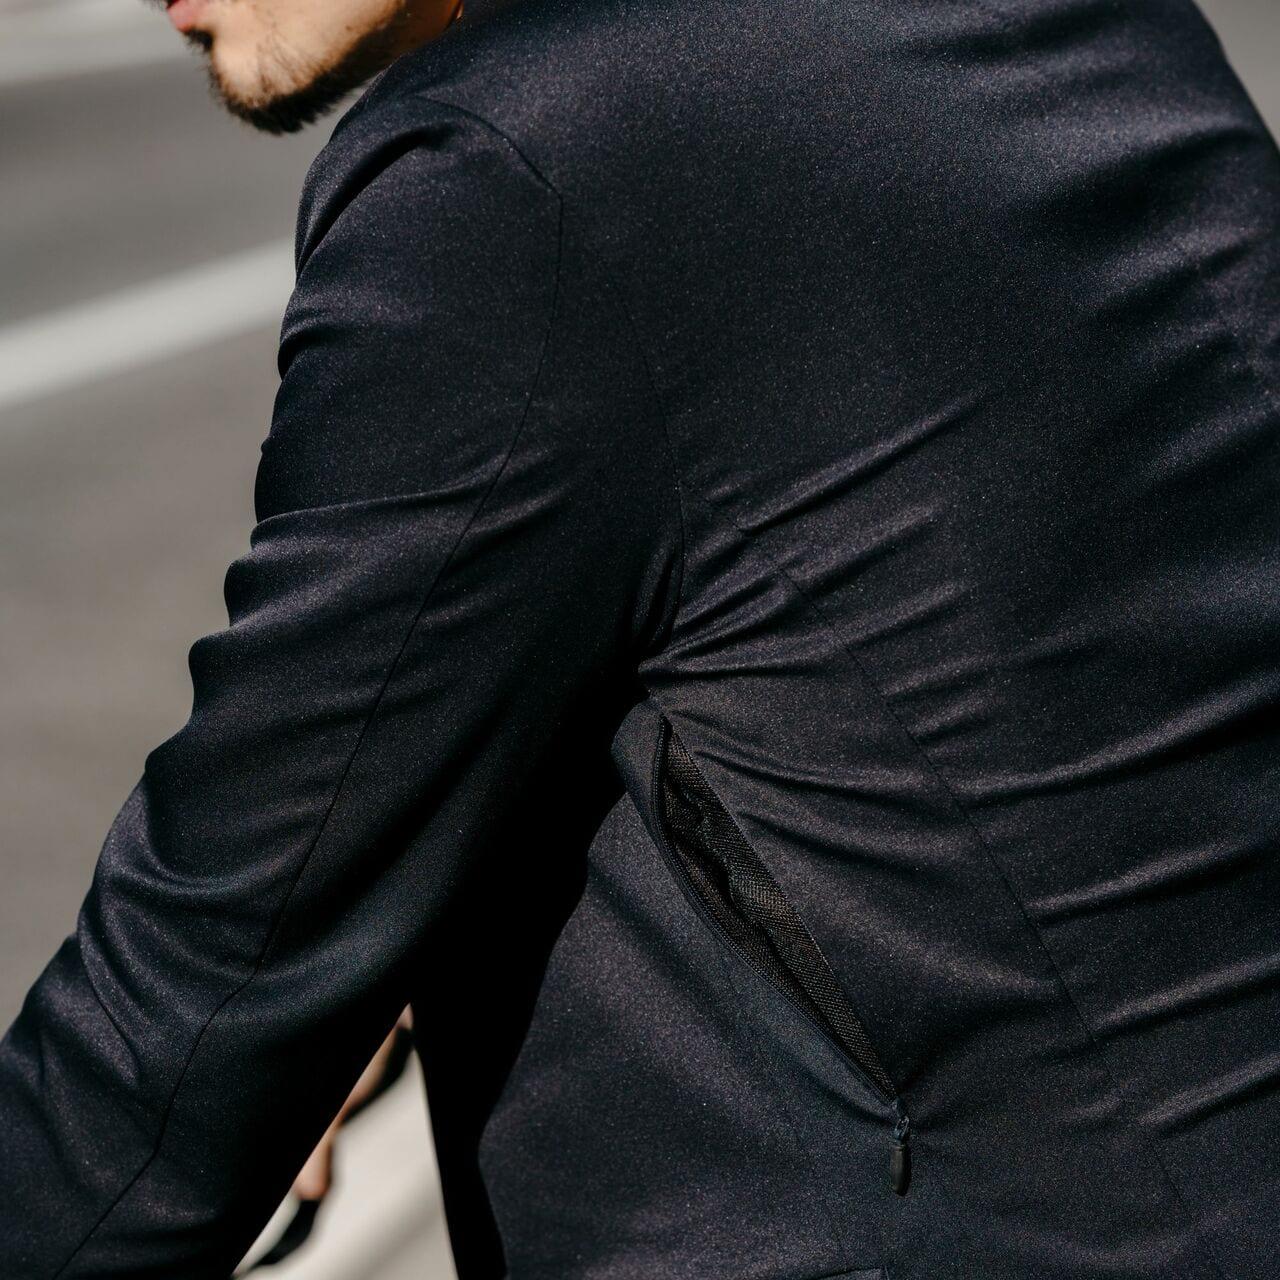 ジャケットの脇下、パンツサイドにはベンチレーションを搭載。蒸れを防ぎ、快適に走ることができる。